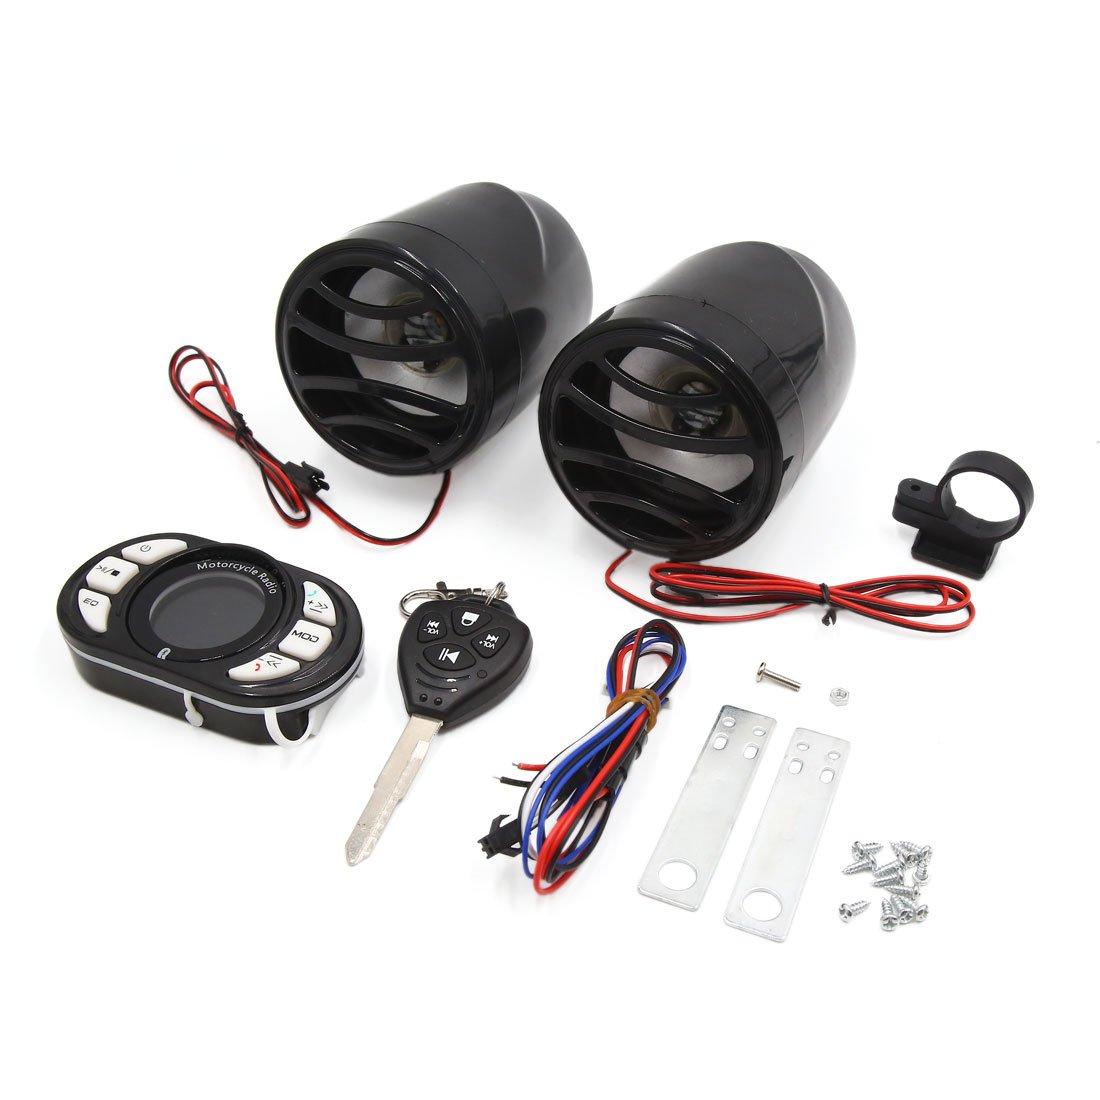 sourcing map 12V Altavoces Sistema Audio de Moto Reproductor Mp3 Radio Kit de Alarma Control Remoto Negro